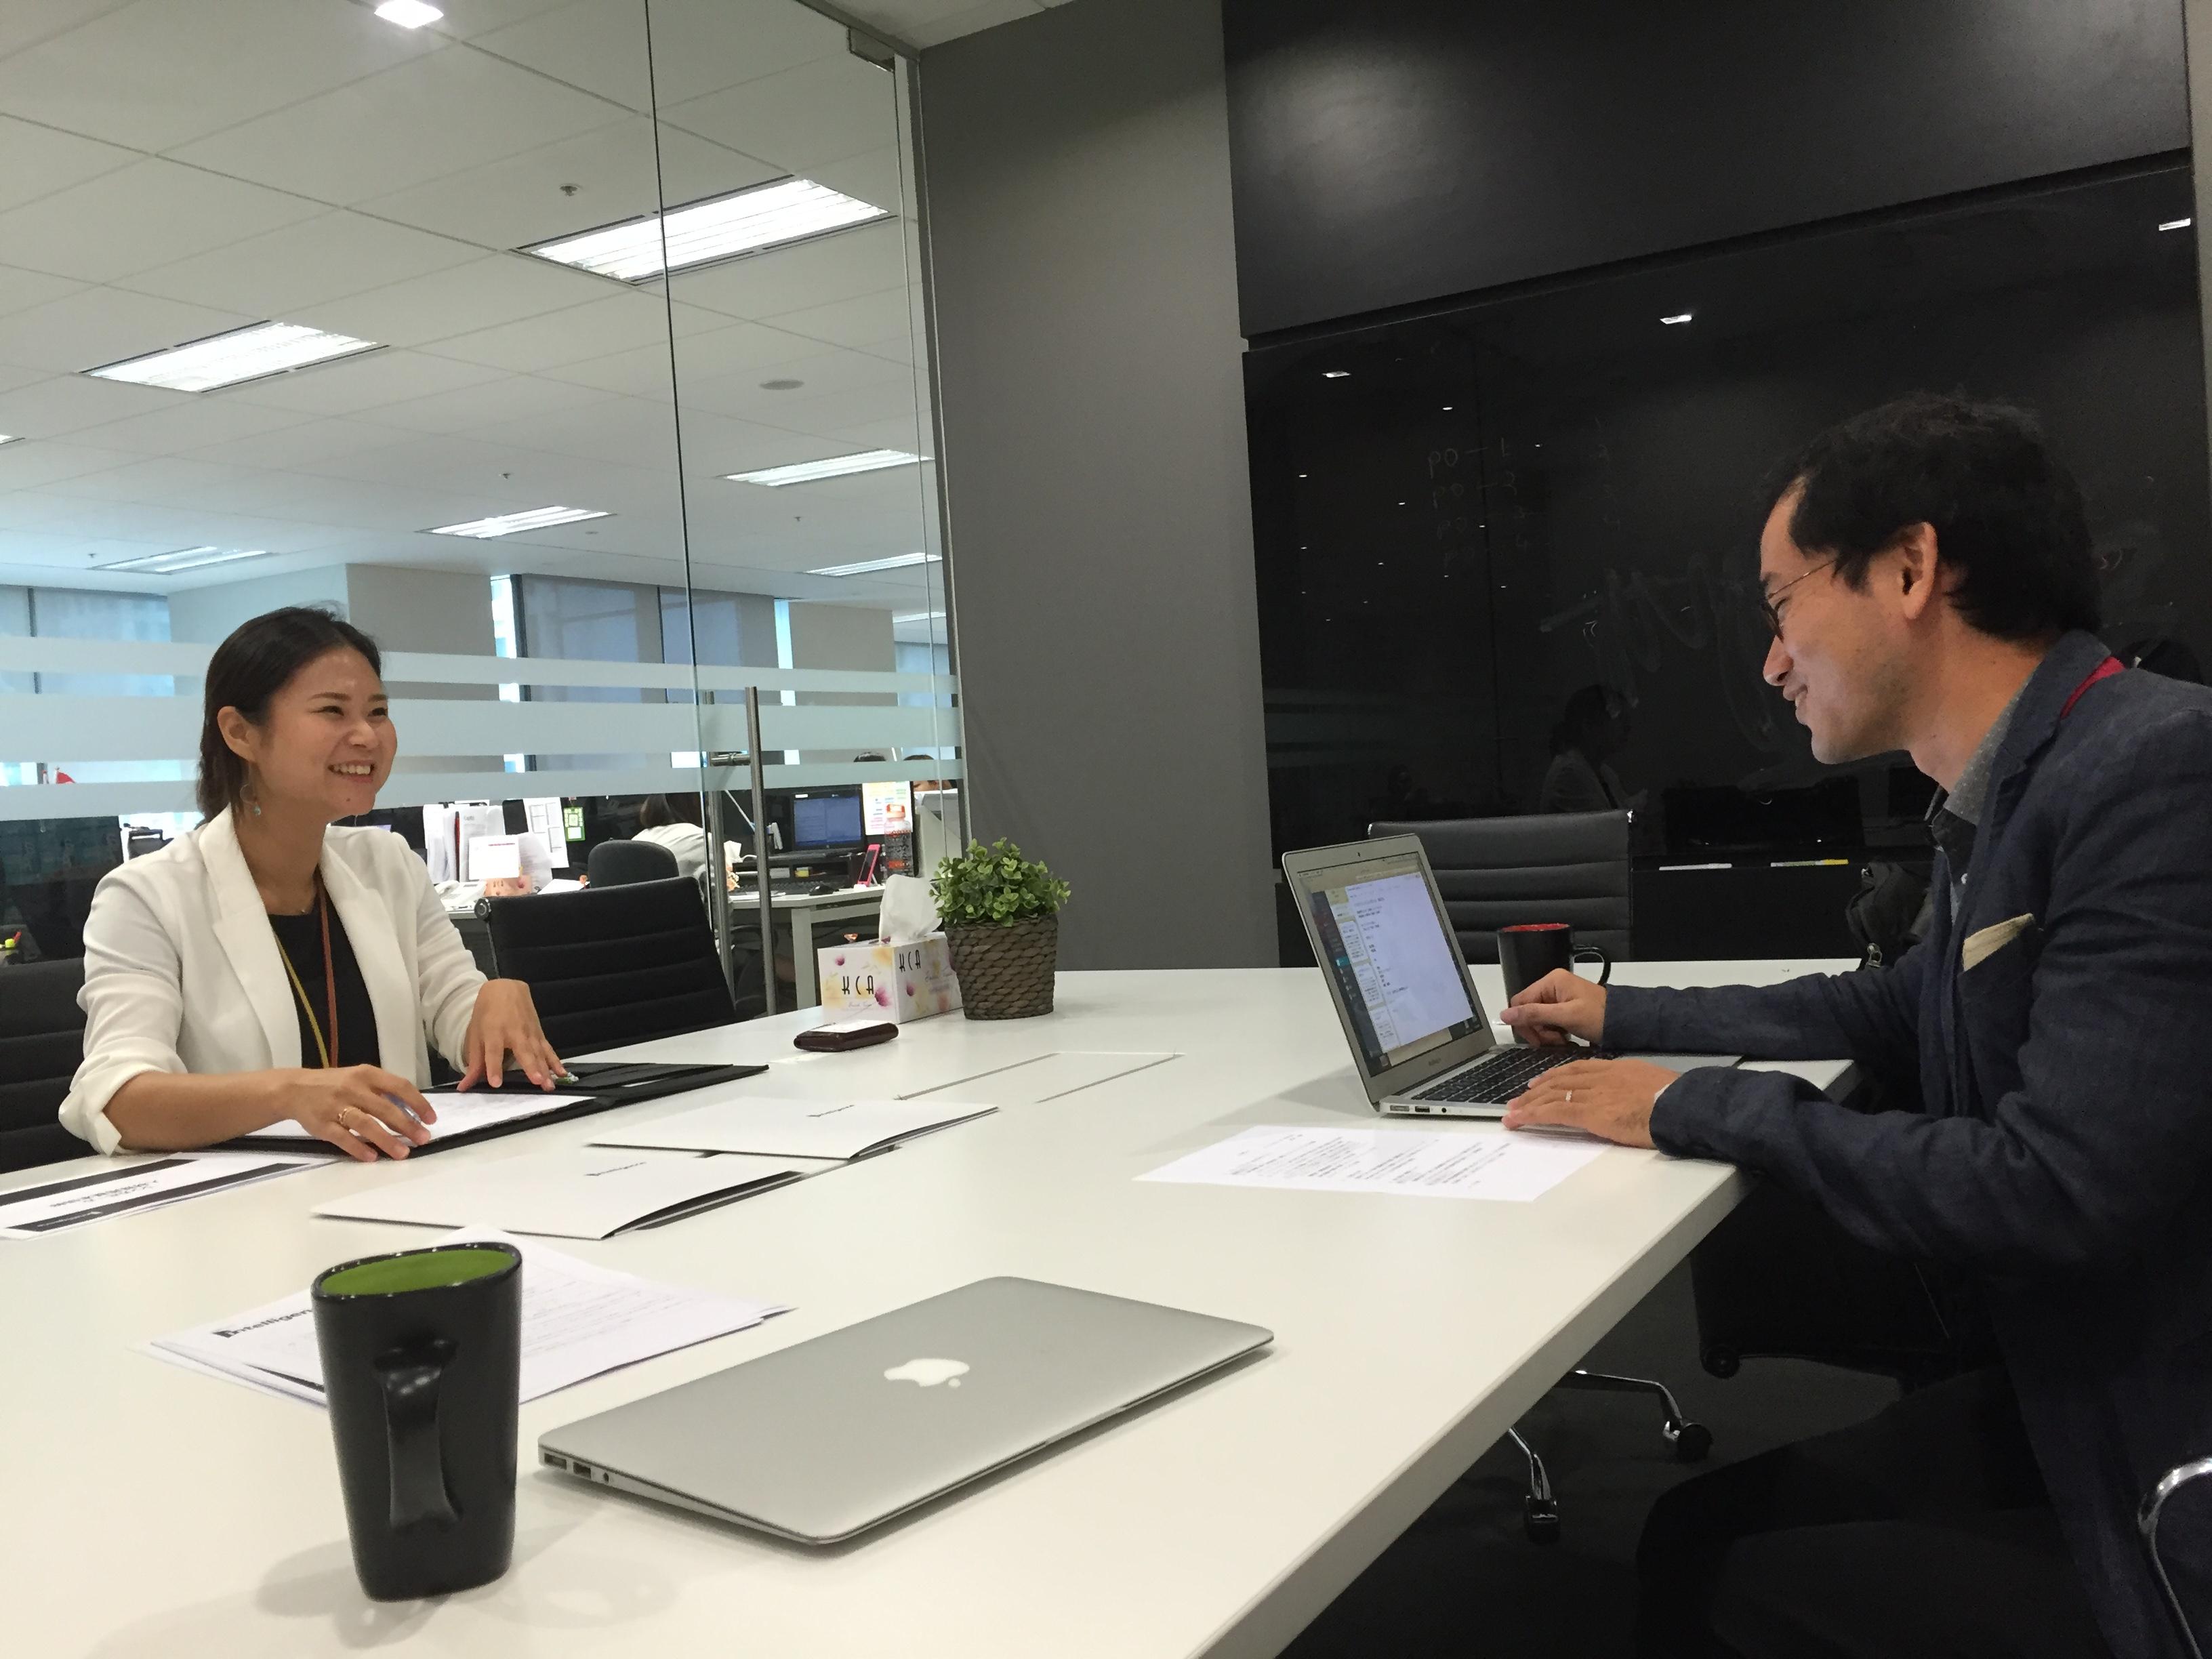 シンガポールの転職エージェント Intelligence社 谷本さん